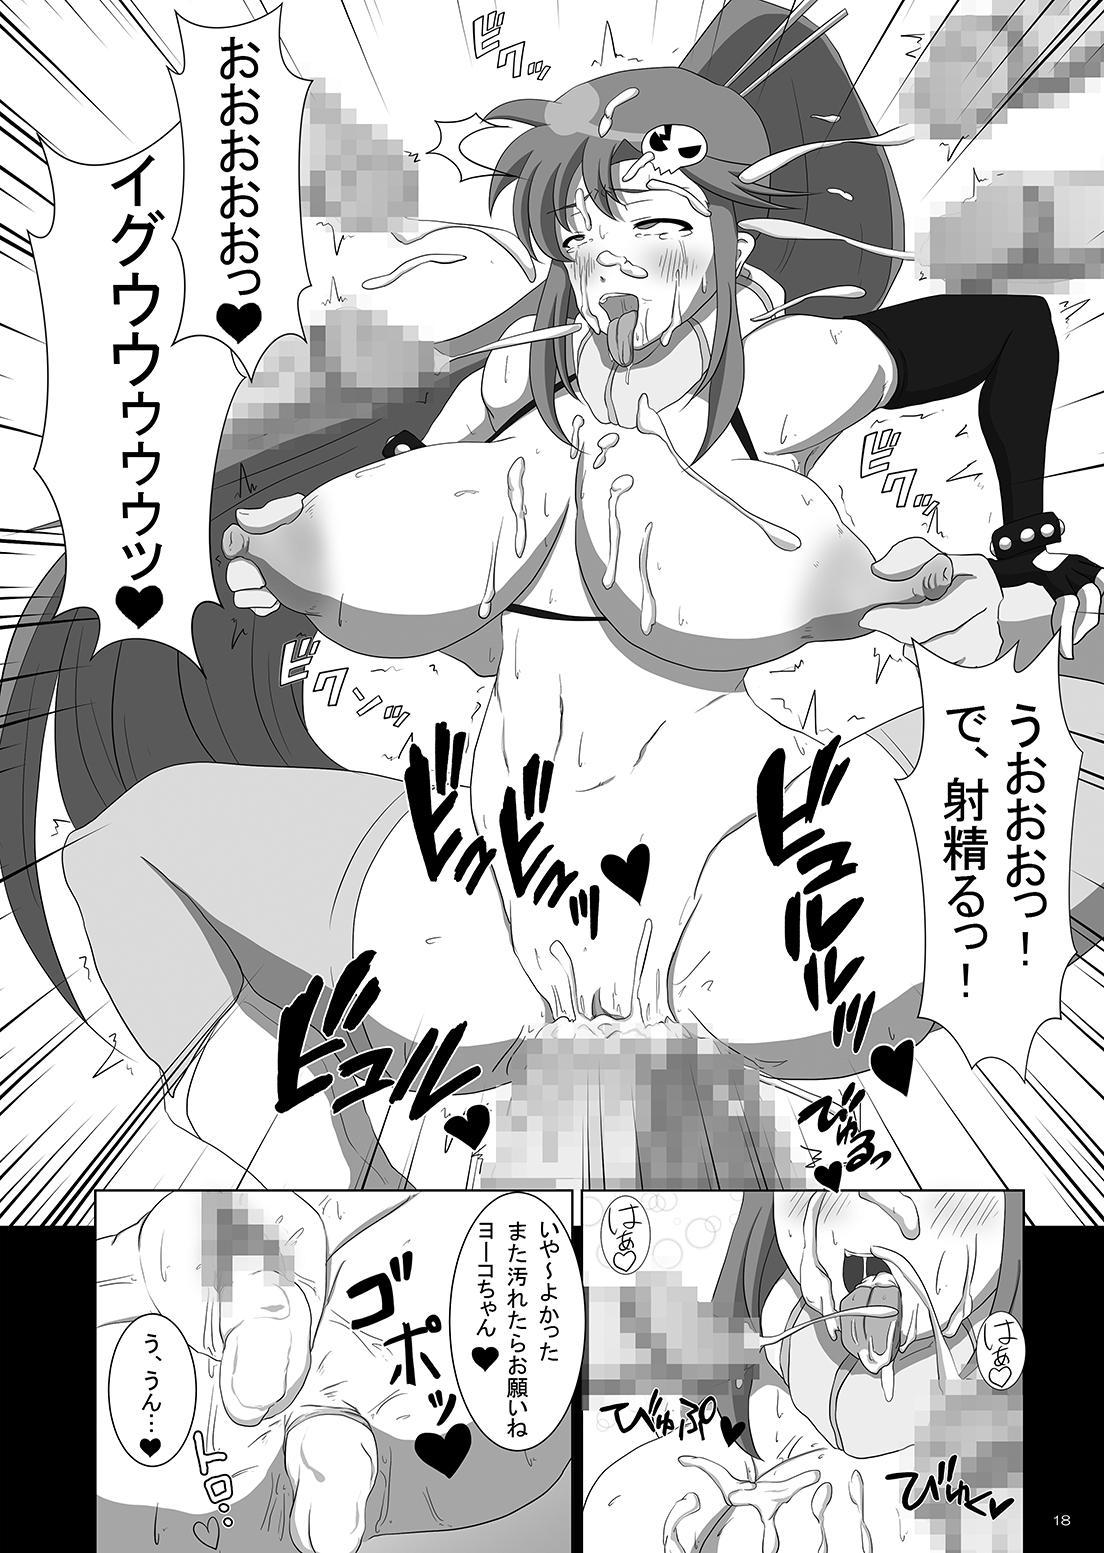 Bakunyuu Chitai wo Abakare Ikimakuru Heroine Tachi 16